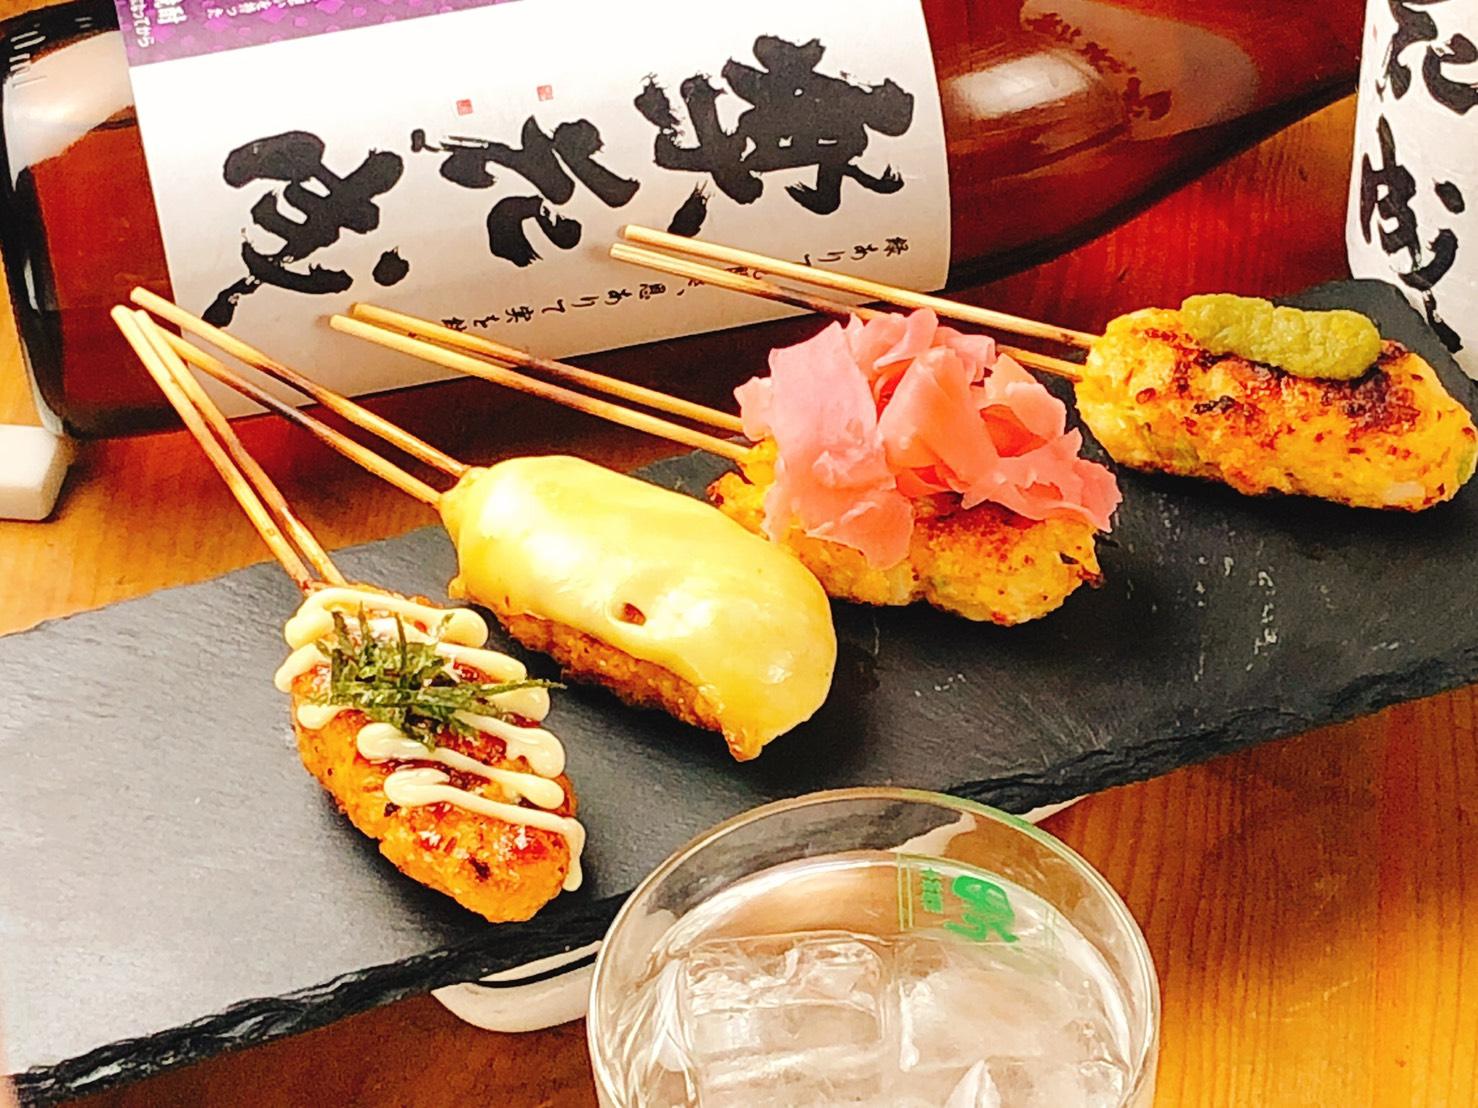 ギフトに嬉しい食事券をプレゼント。大阪で人気の焼き鳥居酒屋を紹介